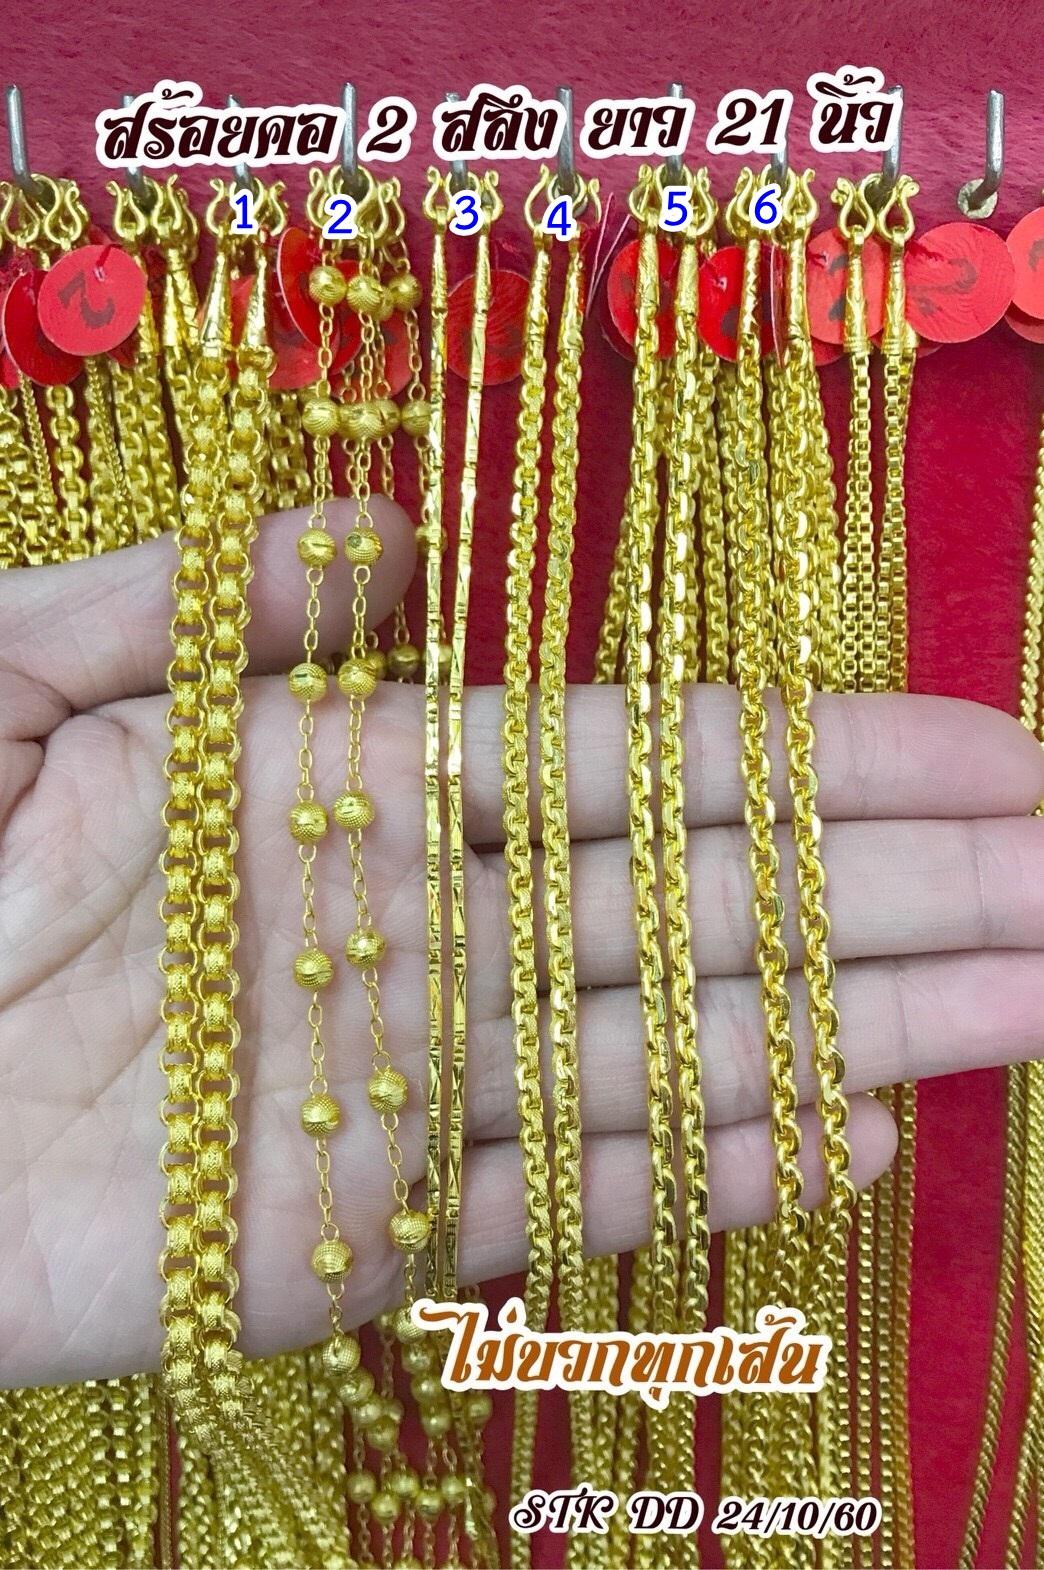 สร้อยคอ ทองแท้ 96.5% หนัก 2 สลึง / 21 นิ้ว